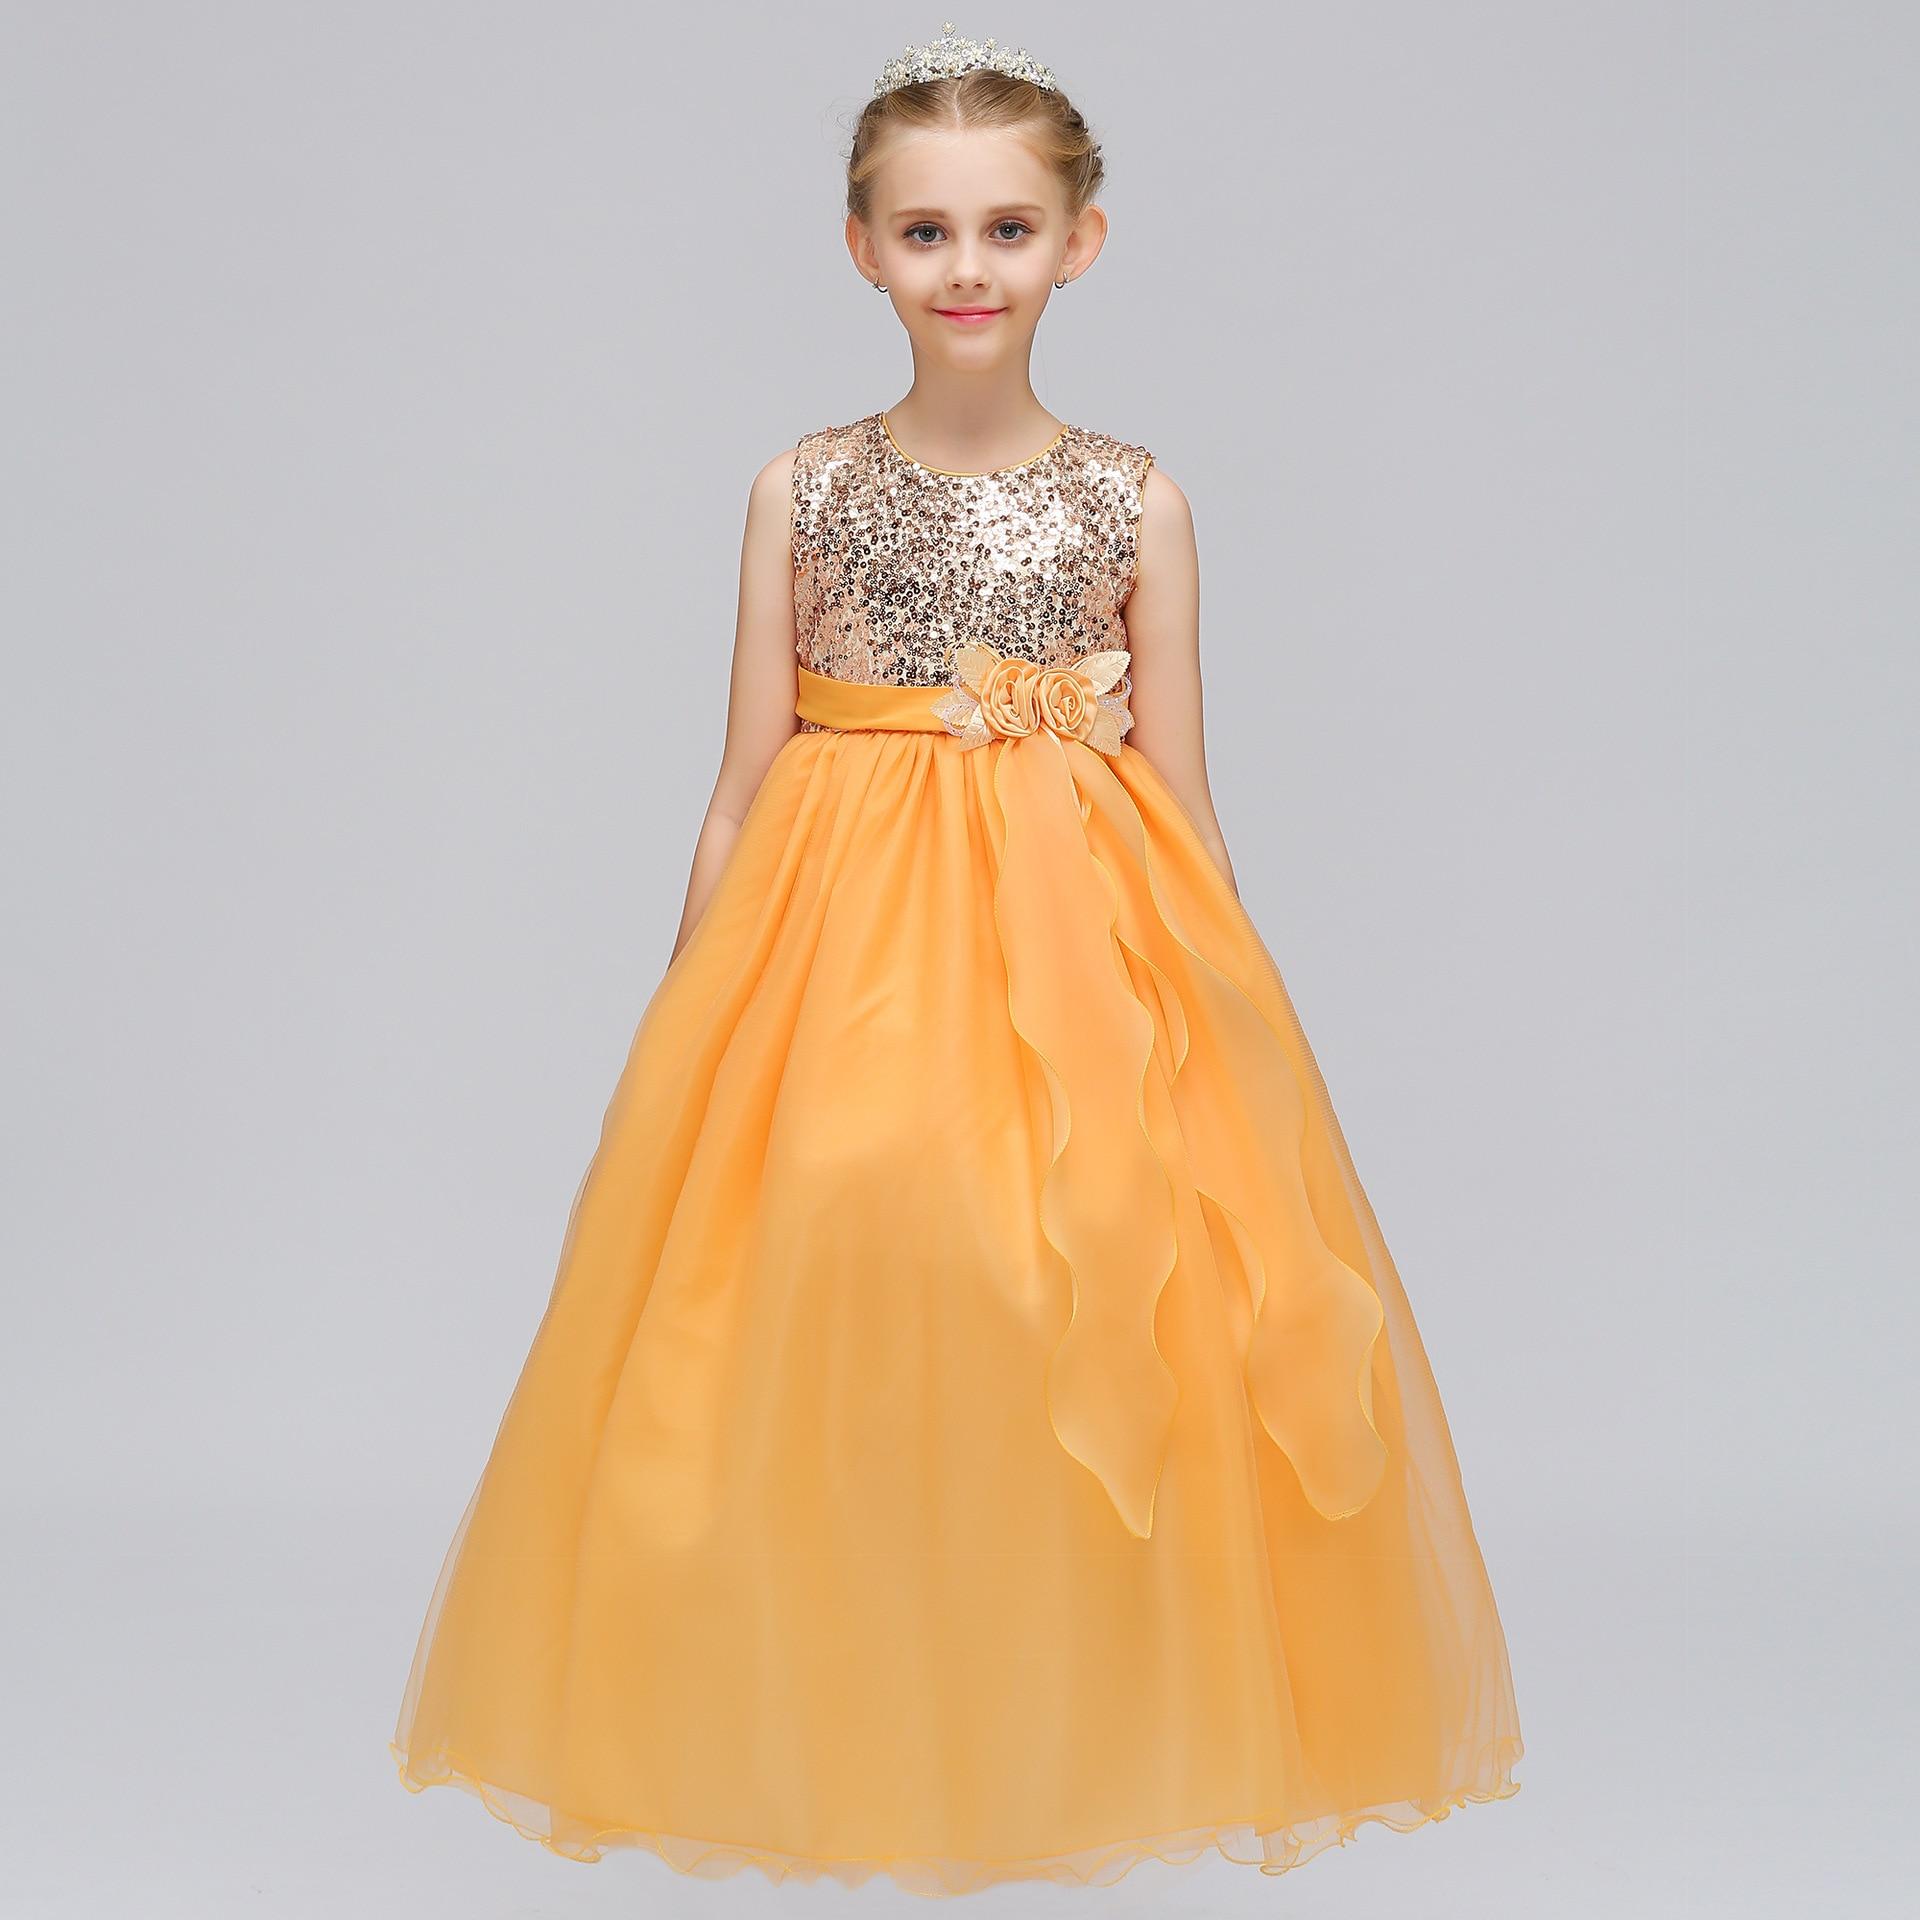 Enfant Robe Коктейльные Свадебная et evenement желтое платье длинные платья золотые блестки Пром платья для 5 до 15 лет